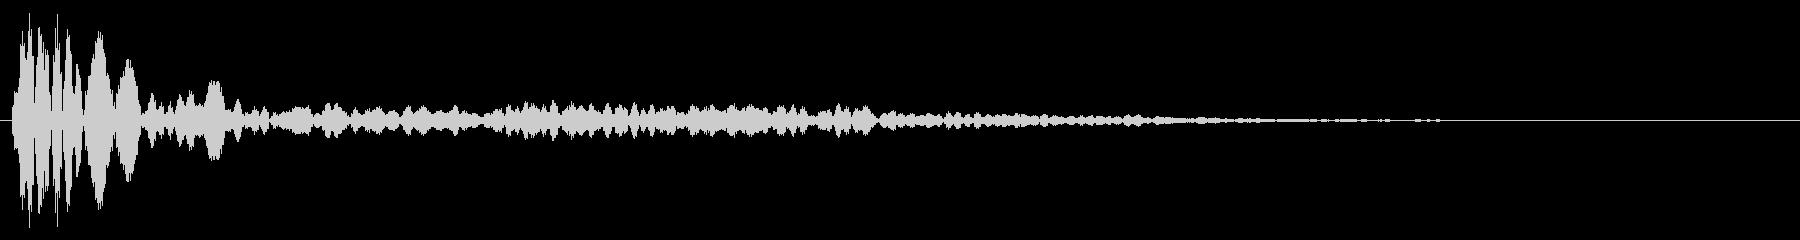 シンプルな決定音1の未再生の波形